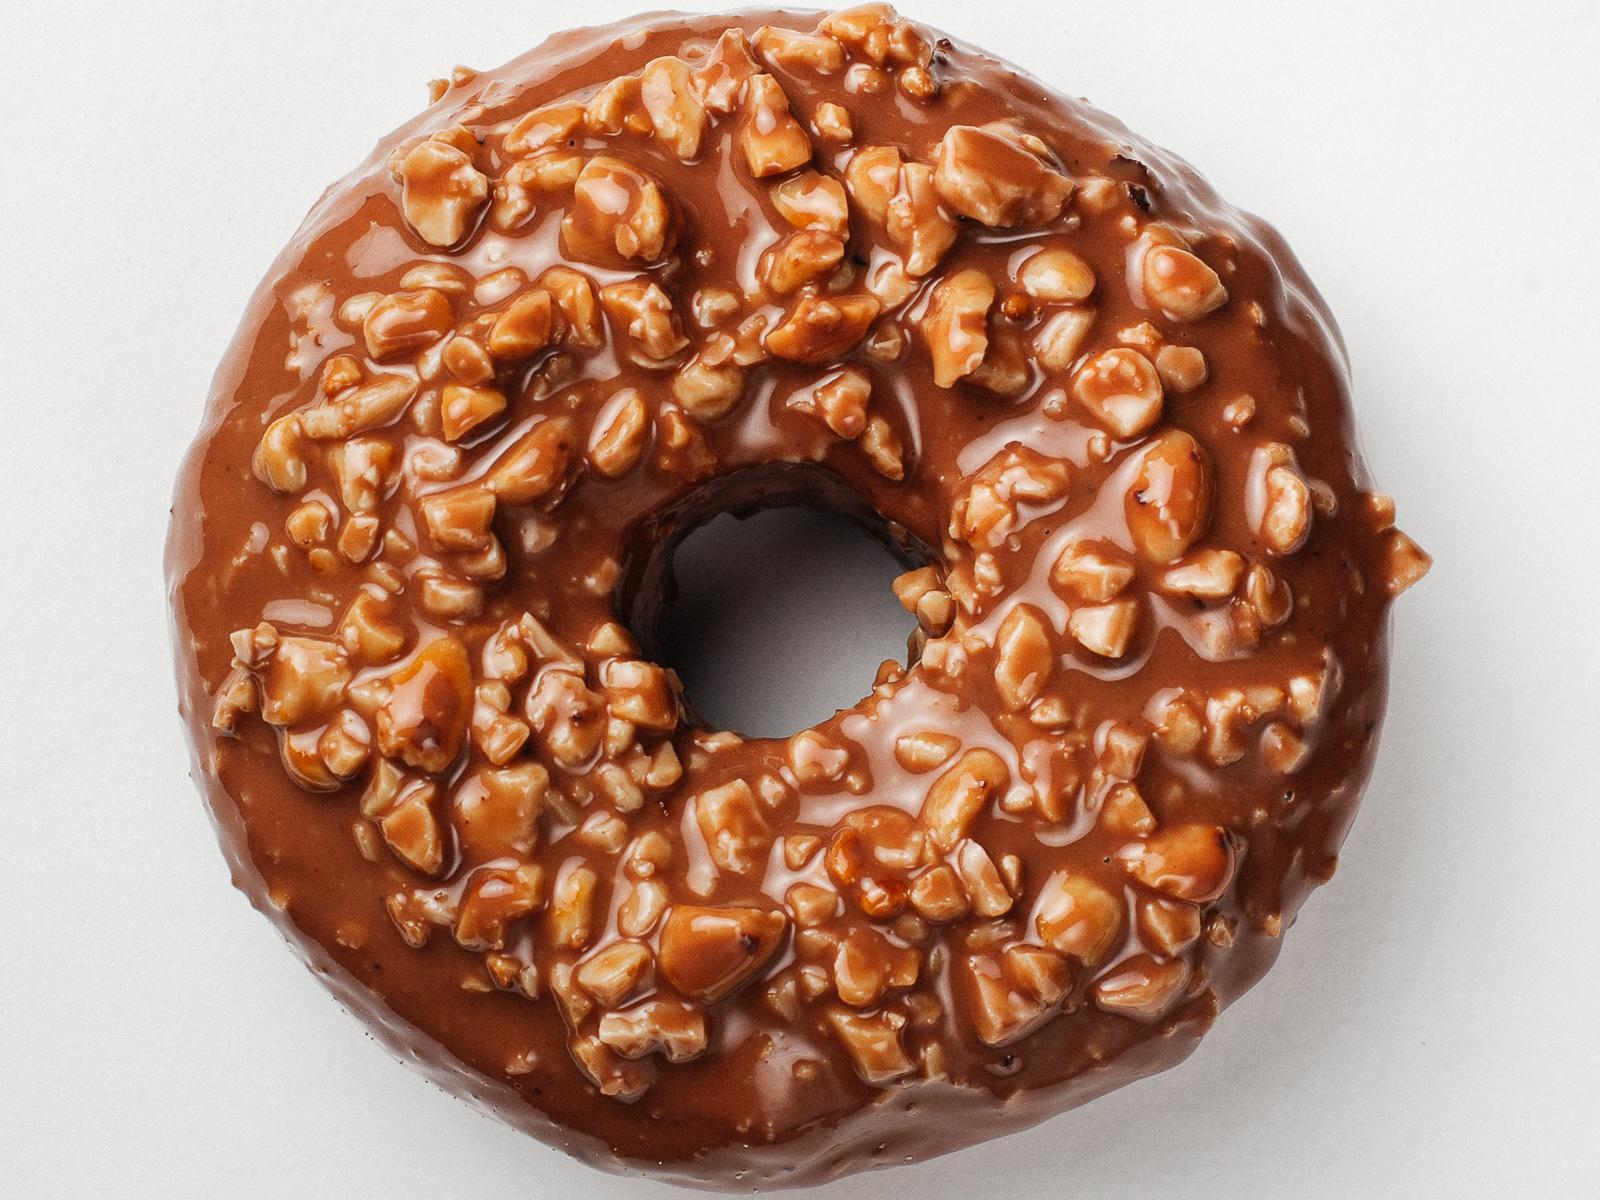 Пончик Двойной шоколад-арахис